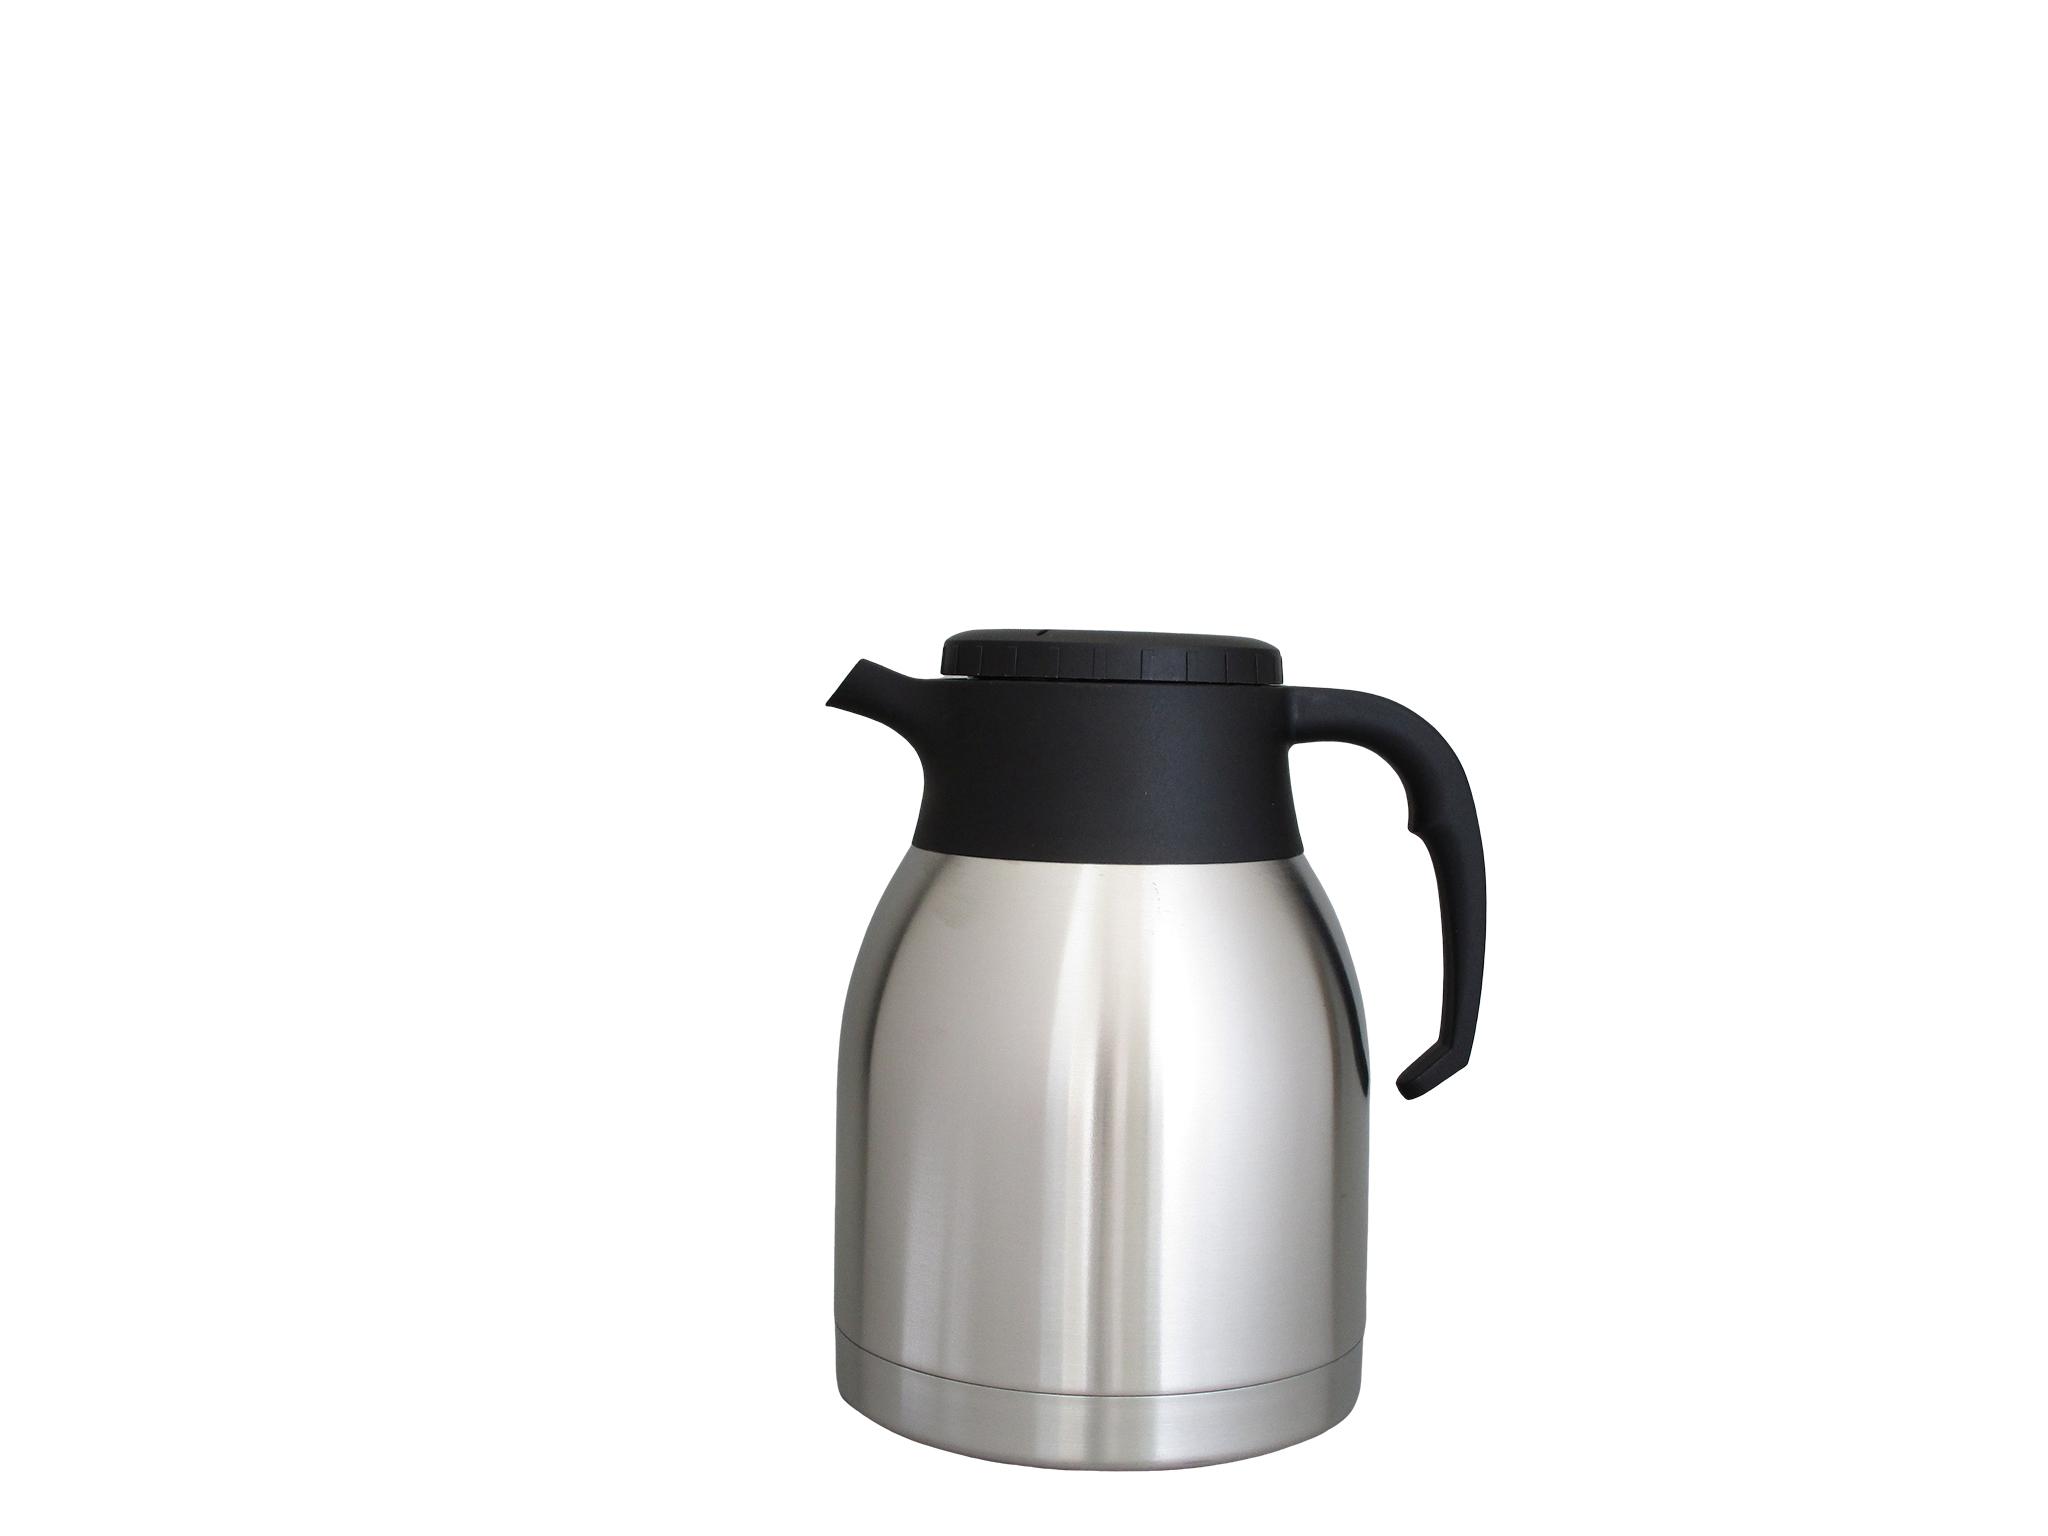 V1599-S08 - Isoleerkan onbreekbaar inox 1.5 L (filterdop) - Isobel Silver Line